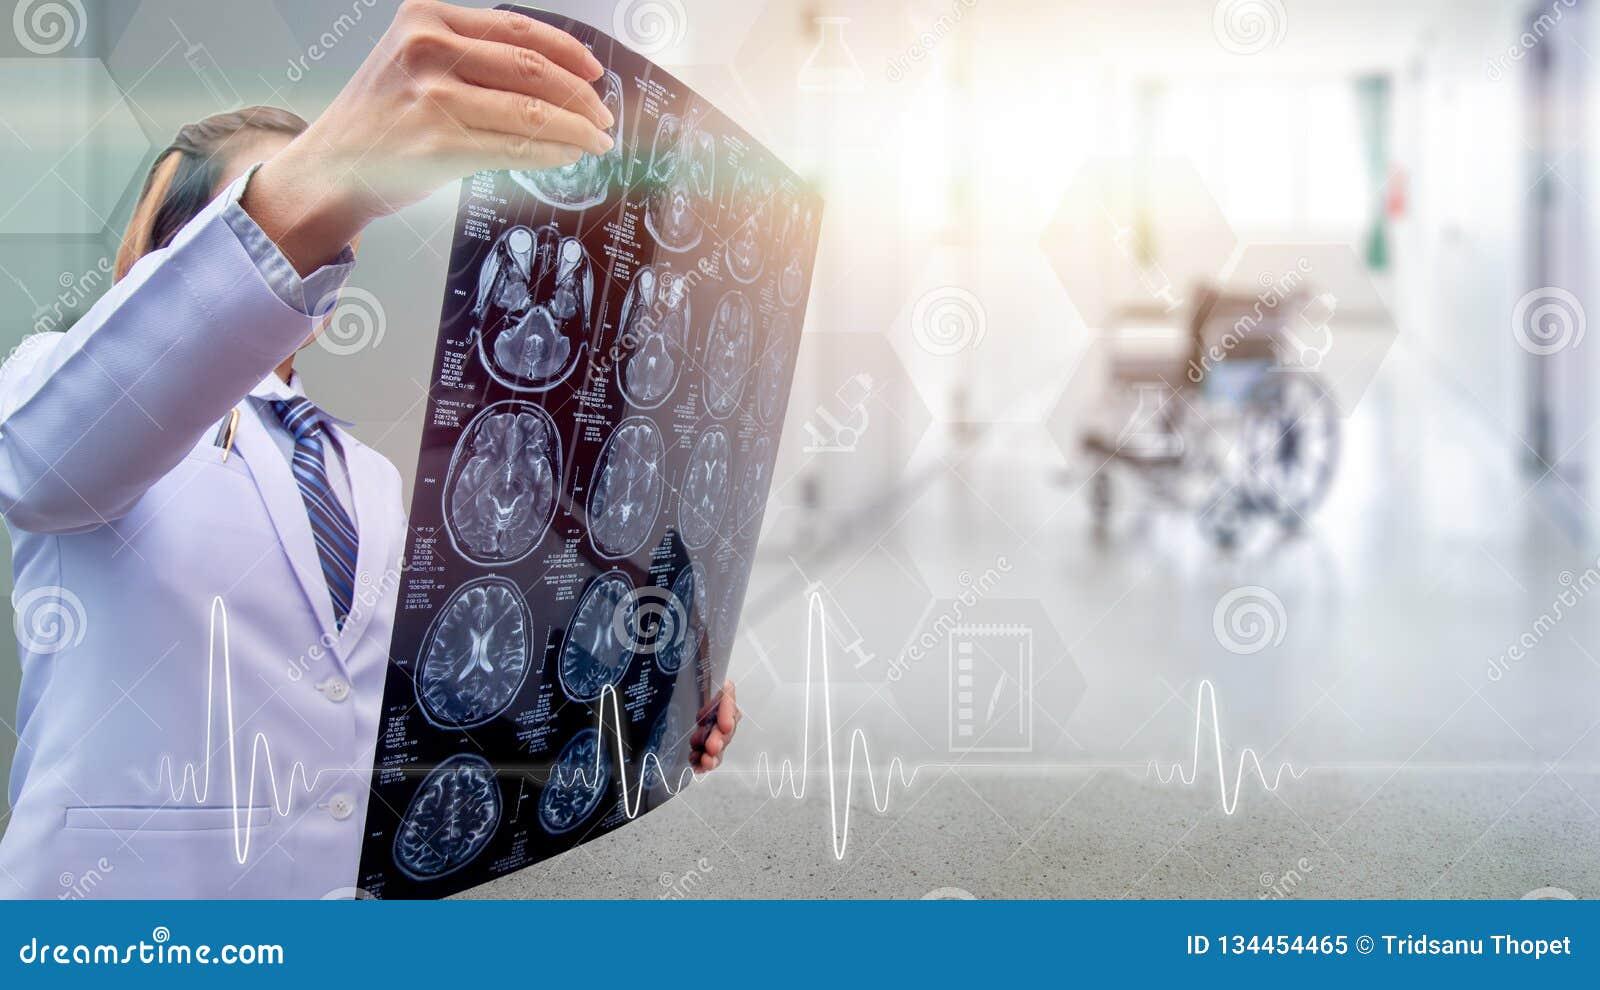 övredel av människokroppen, kvalitets- röntgenstrålebild för höjd av mänskligt in